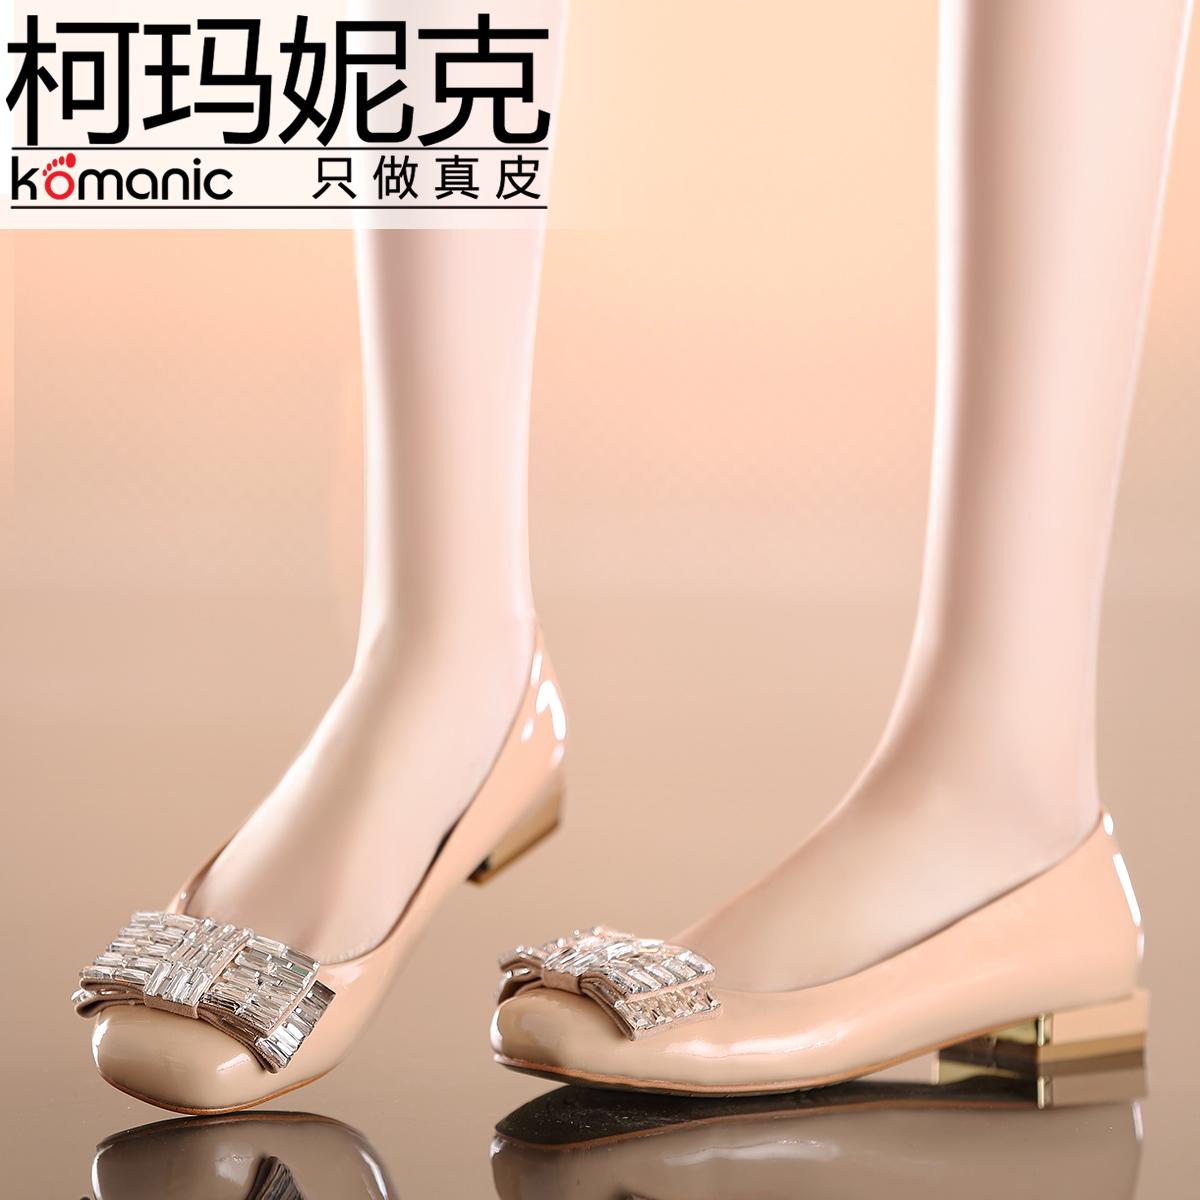 柯玛妮克正品 新款纯色牛漆皮女鞋 水钻方头粗低跟单鞋K46606